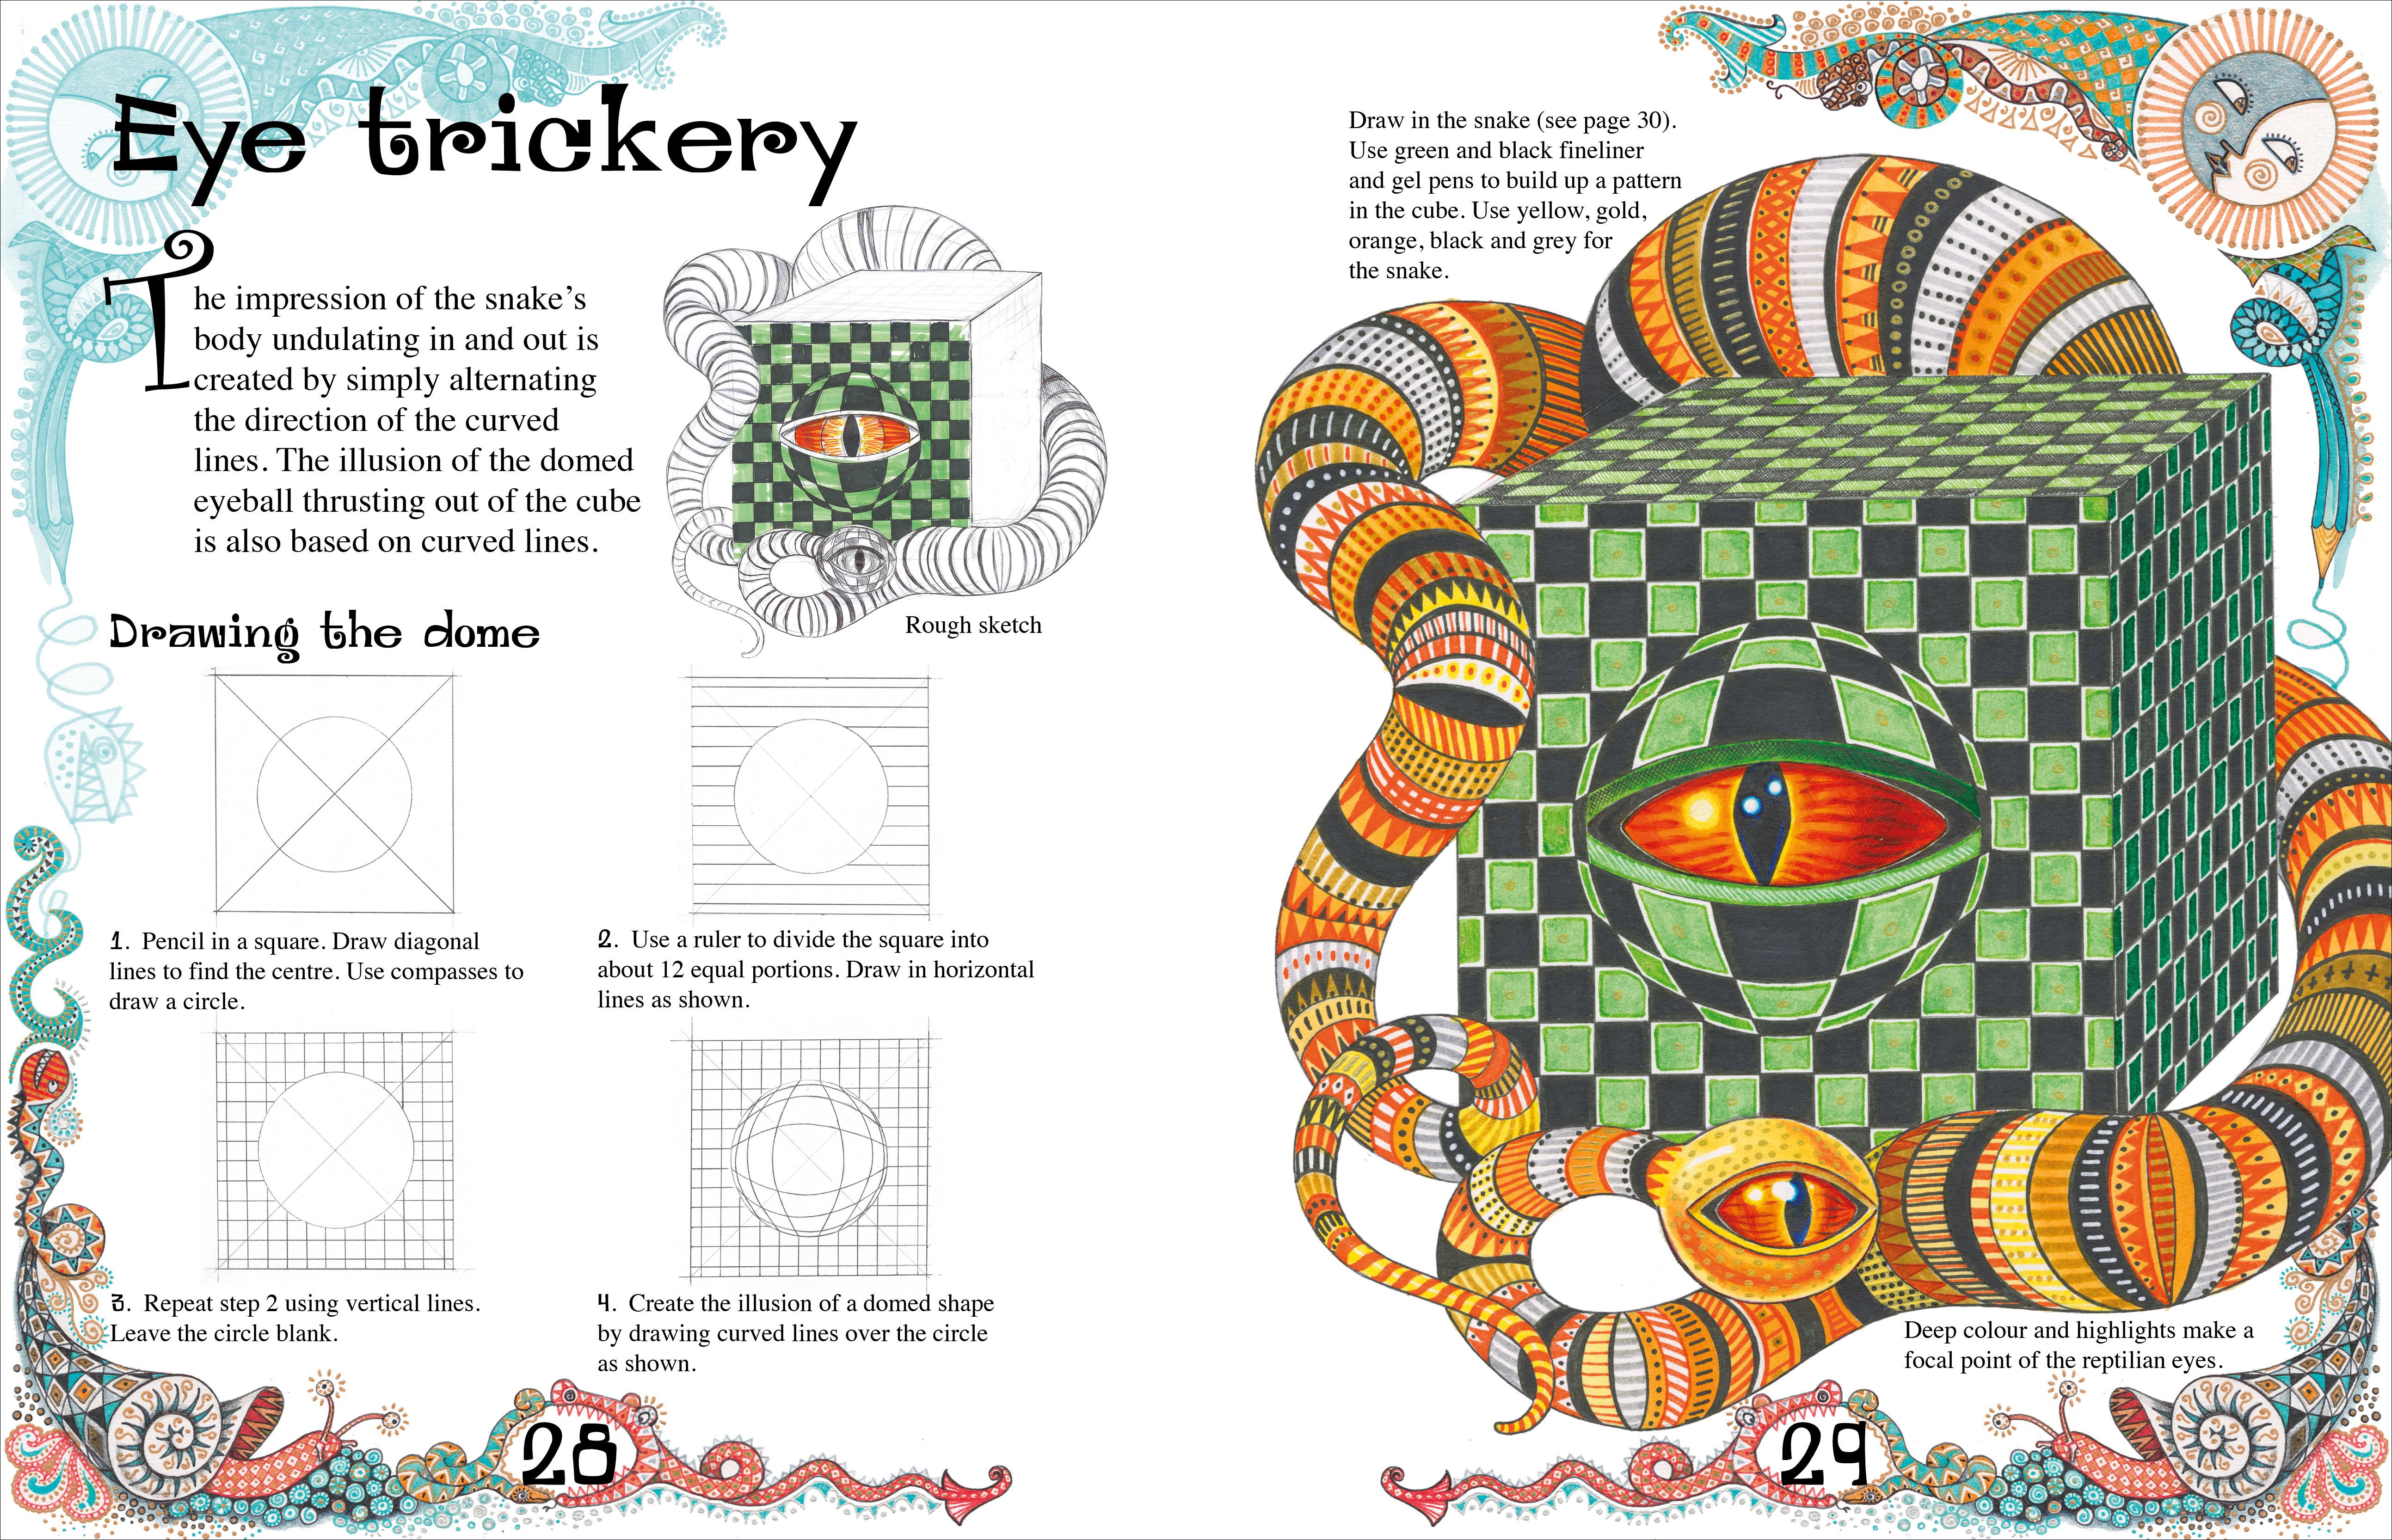 Drawn optical illusion deep Salariya Publishing Art: Start Carolyn